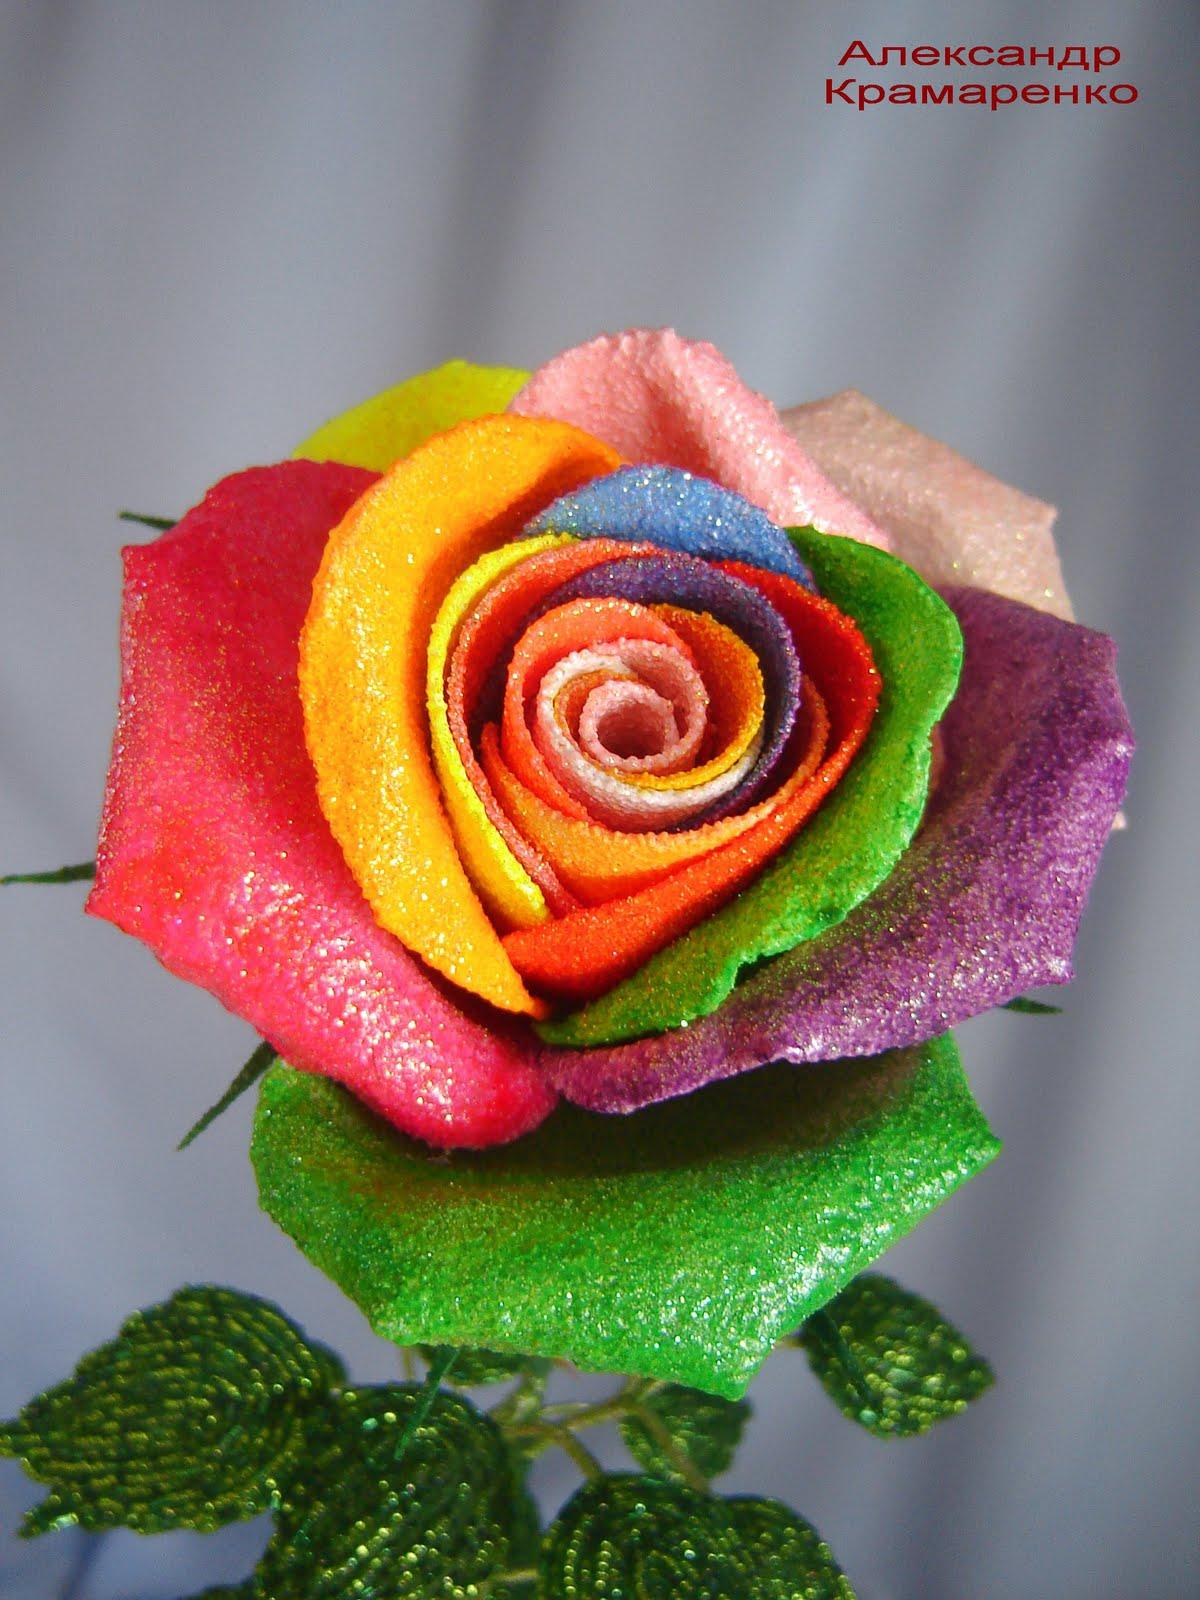 Изображение Розы из бисера - Beaded roses из коллекции Цветы из бисера на сайте Пинми.ру.